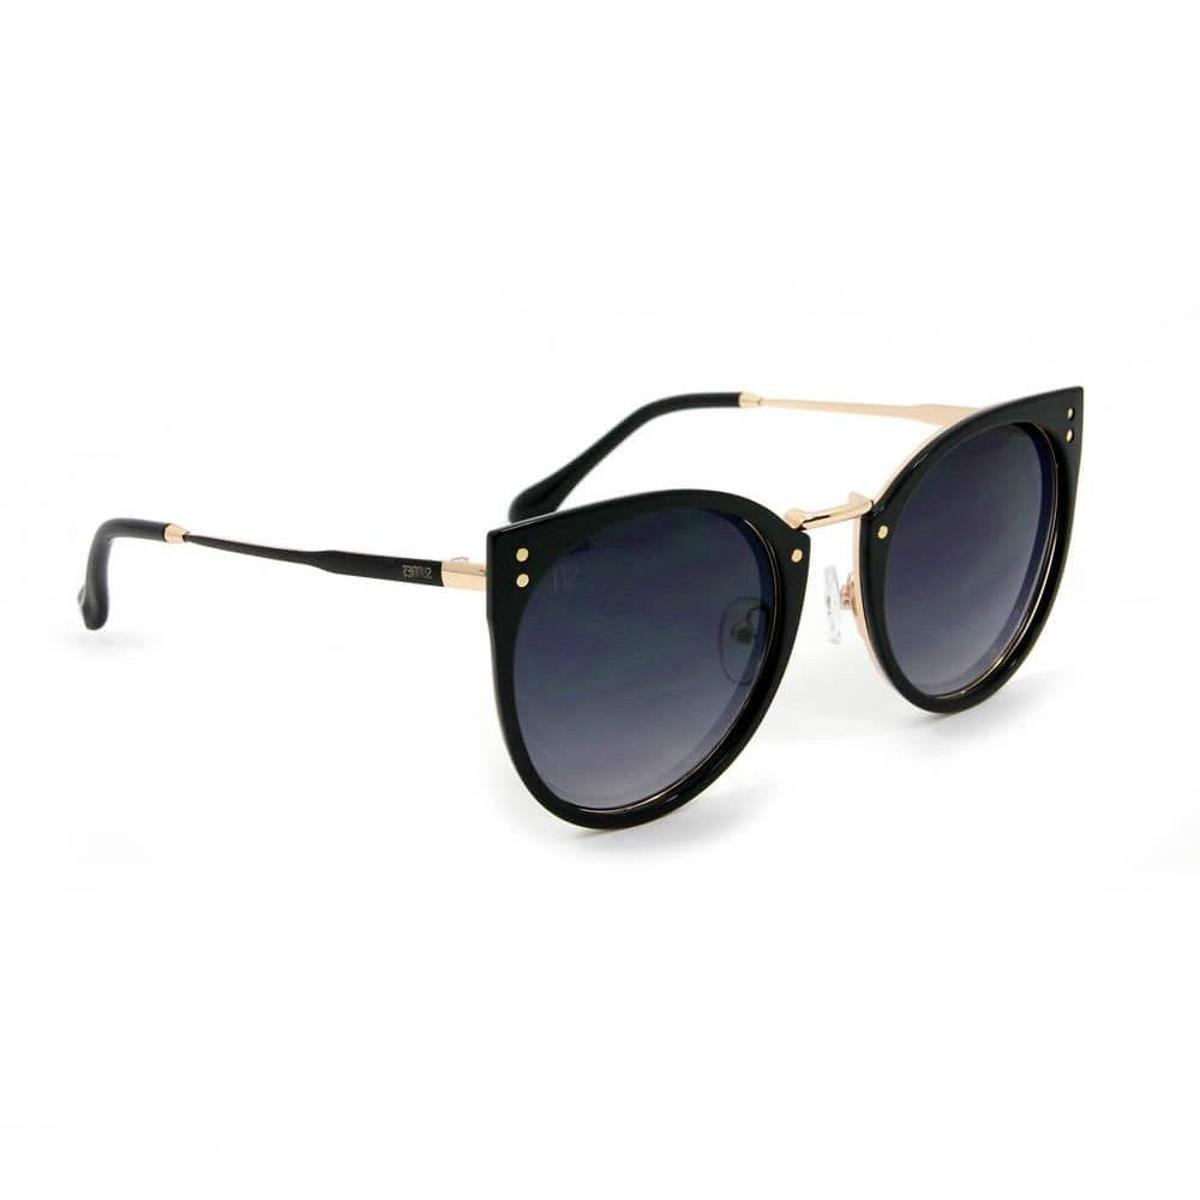 e04aa31f0a127 Óculos de Sol Gatinha  Óculos de Sol Gatinha ...